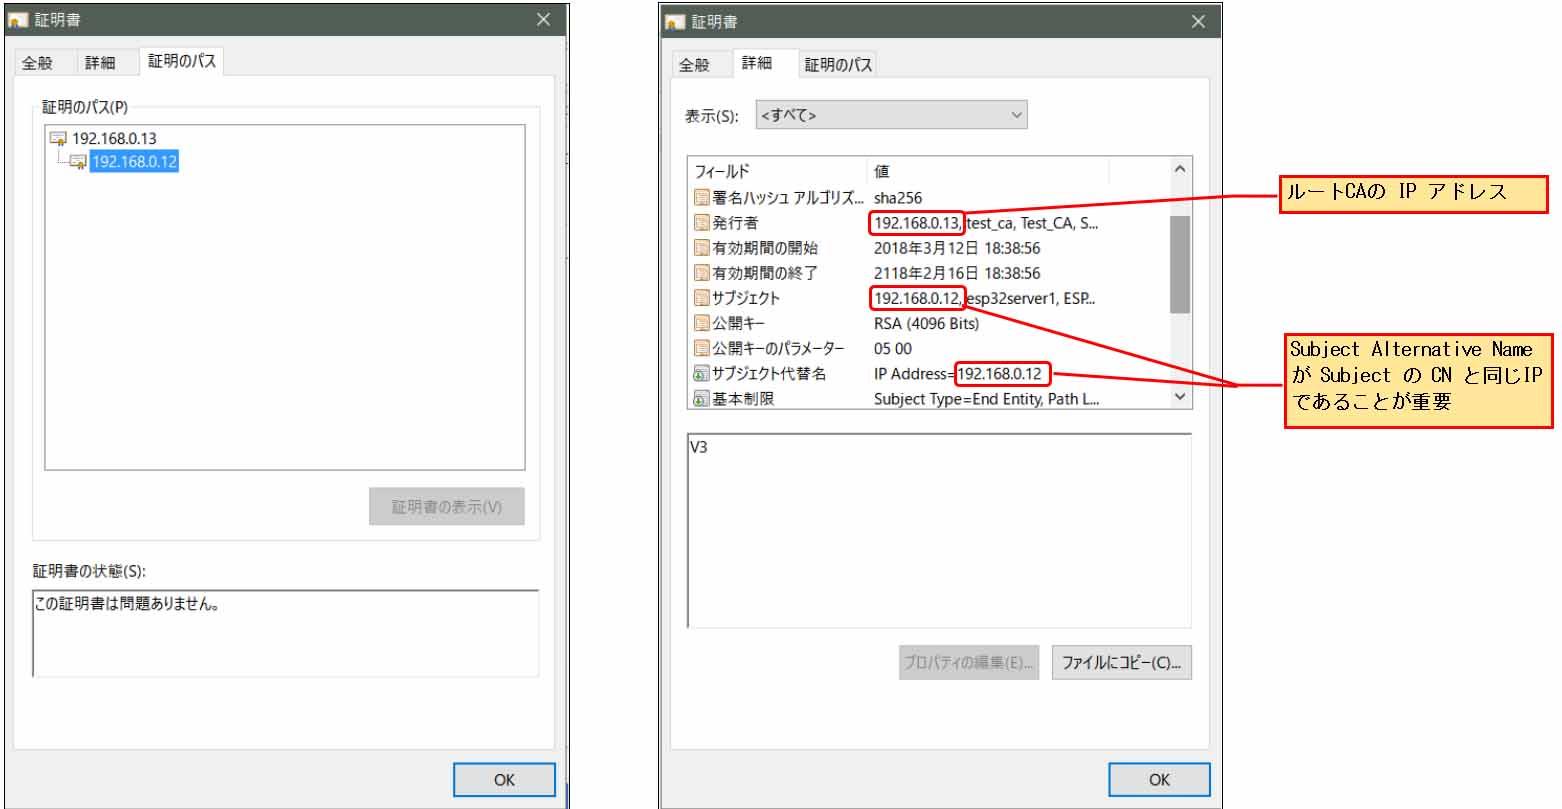 esp_idf_openssl_server97.jpg